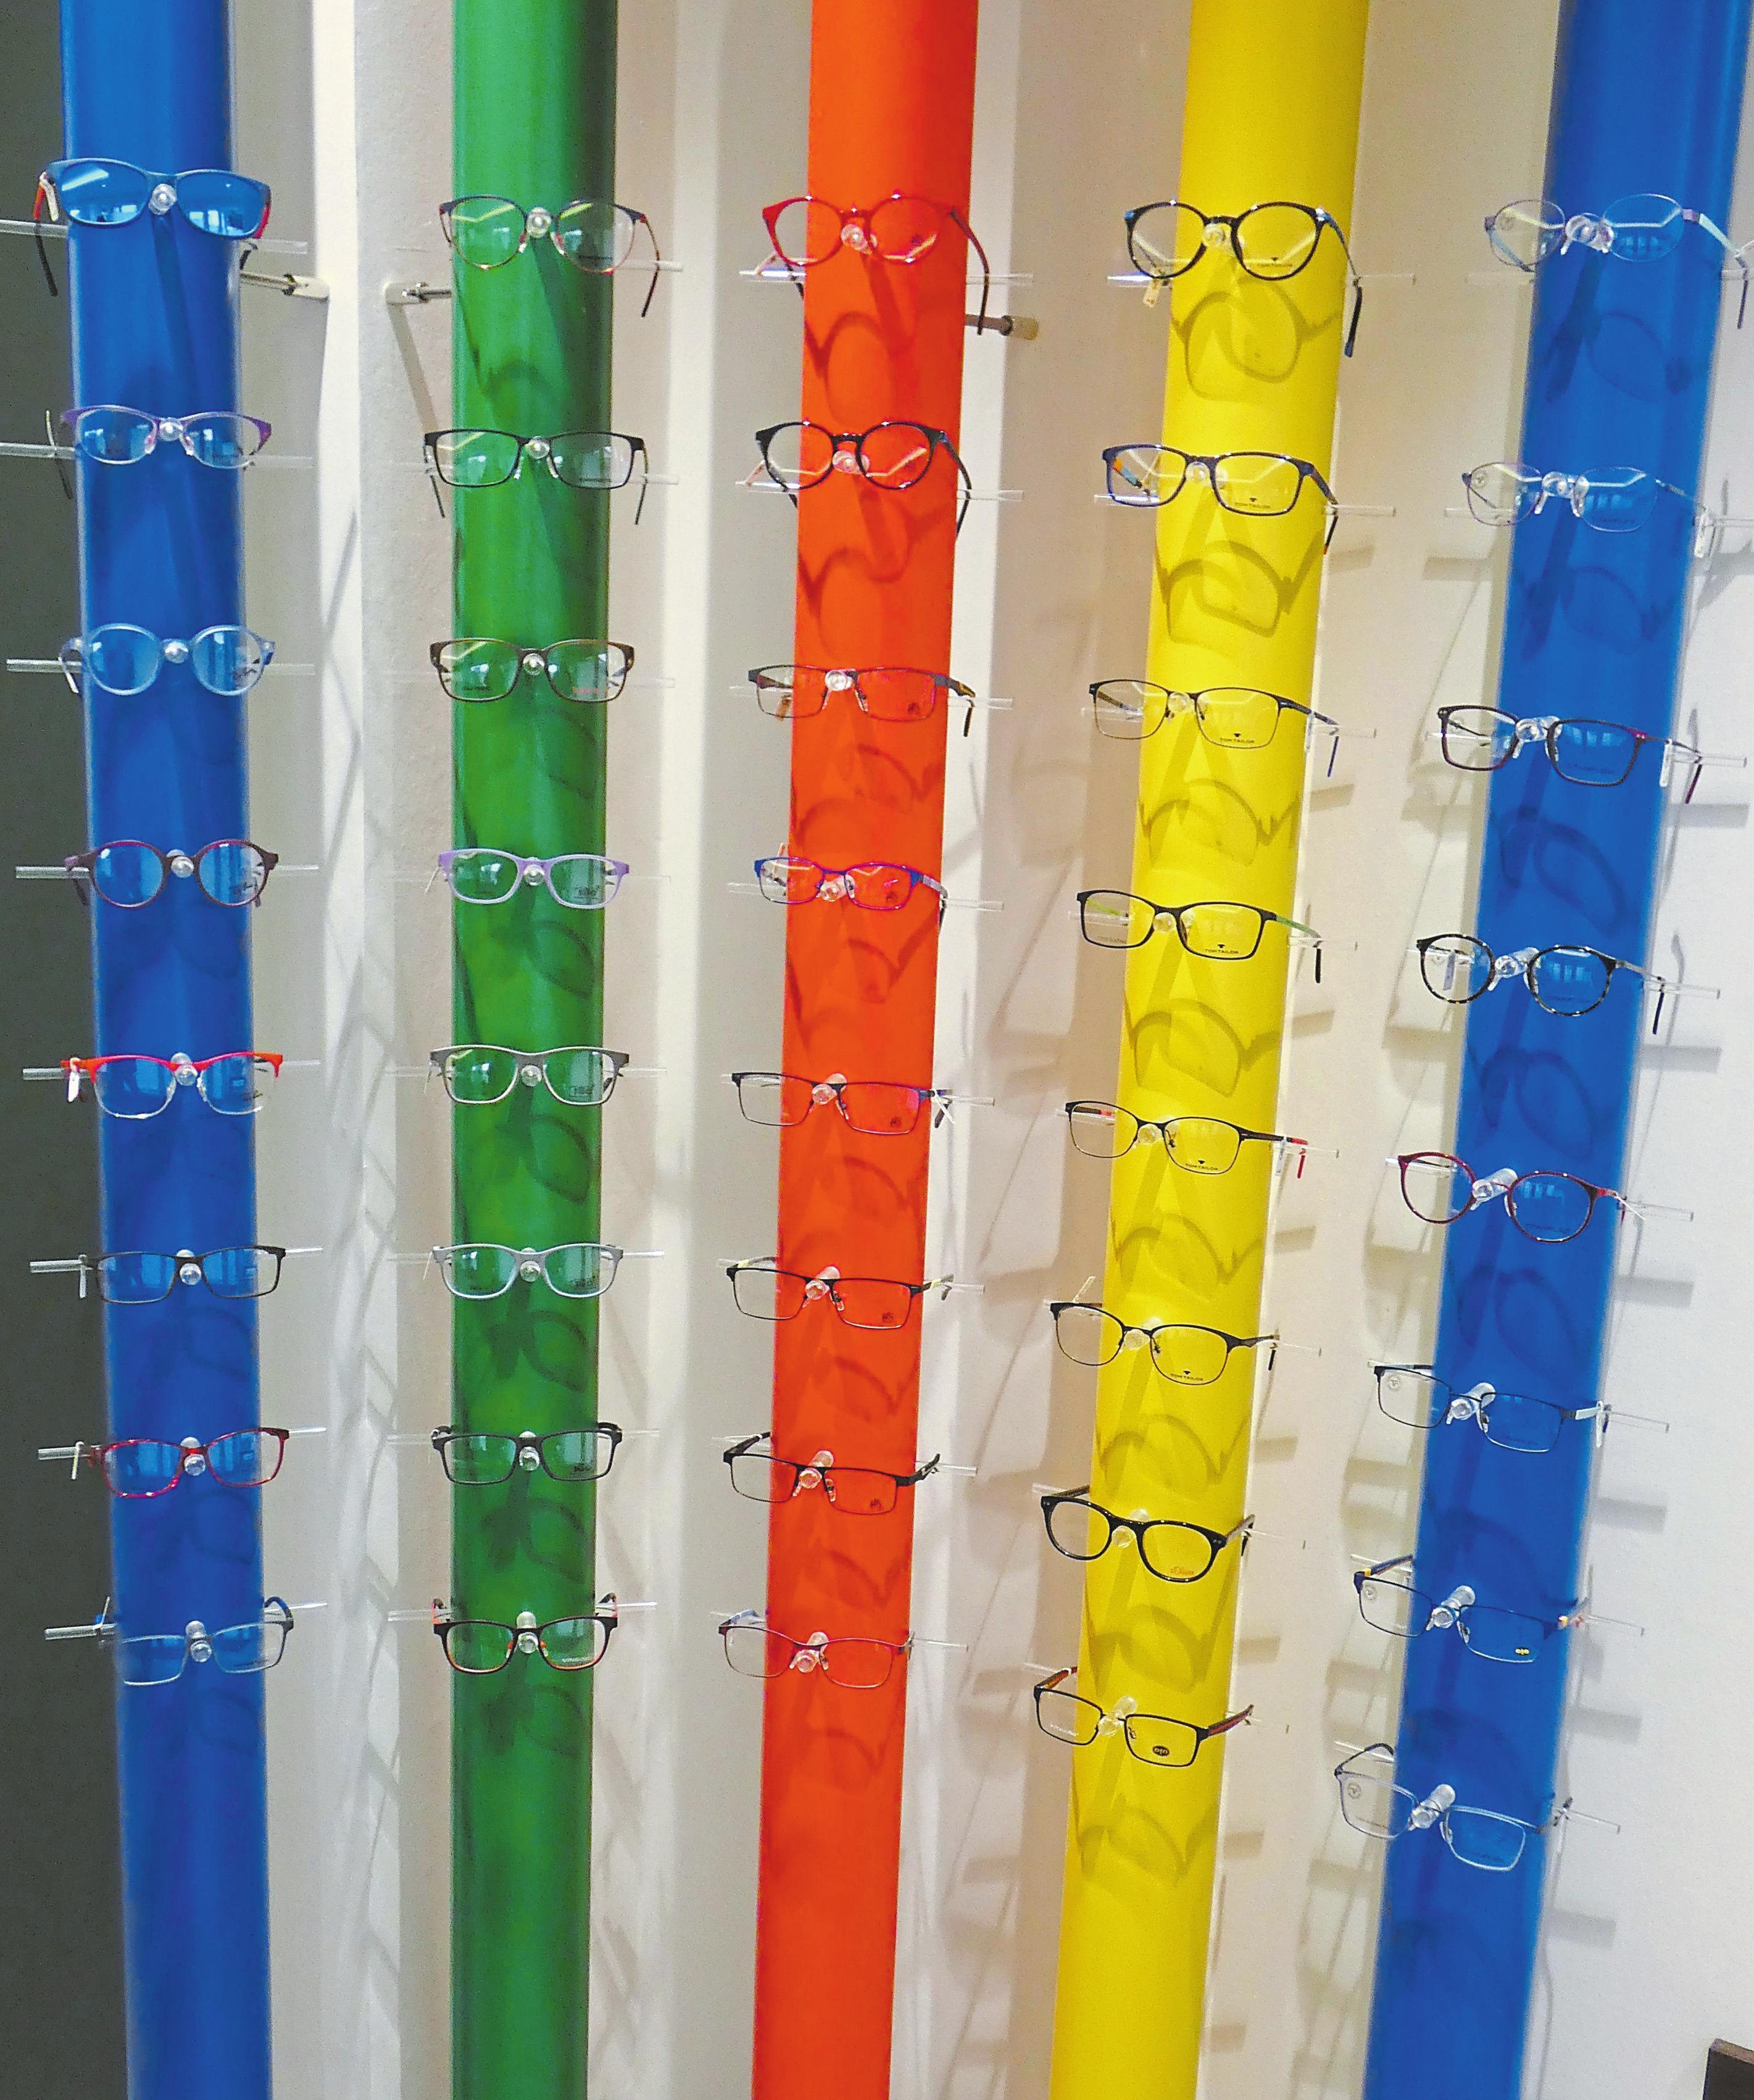 Die Kinder-Brillengestelle kommen auf kunterbunten Hintergründen besonders gut zur Geltung.